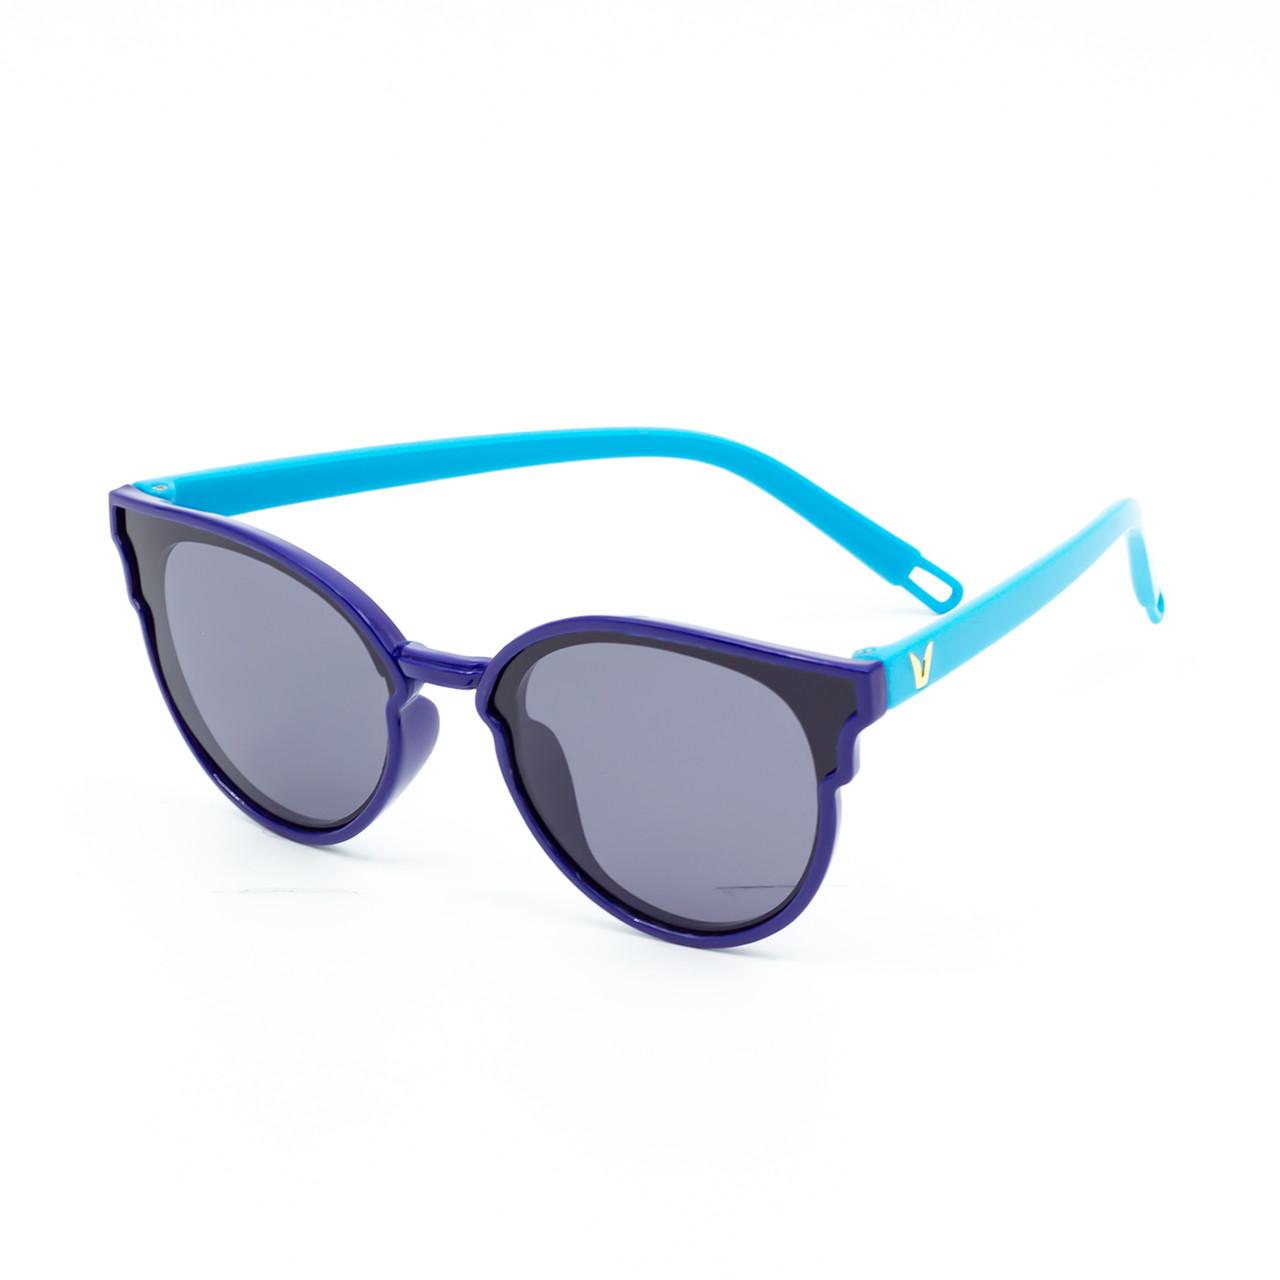 Солнцезащитные очки Marmilen P17125 C5 синие с голубым    ( KAP17125-05 )